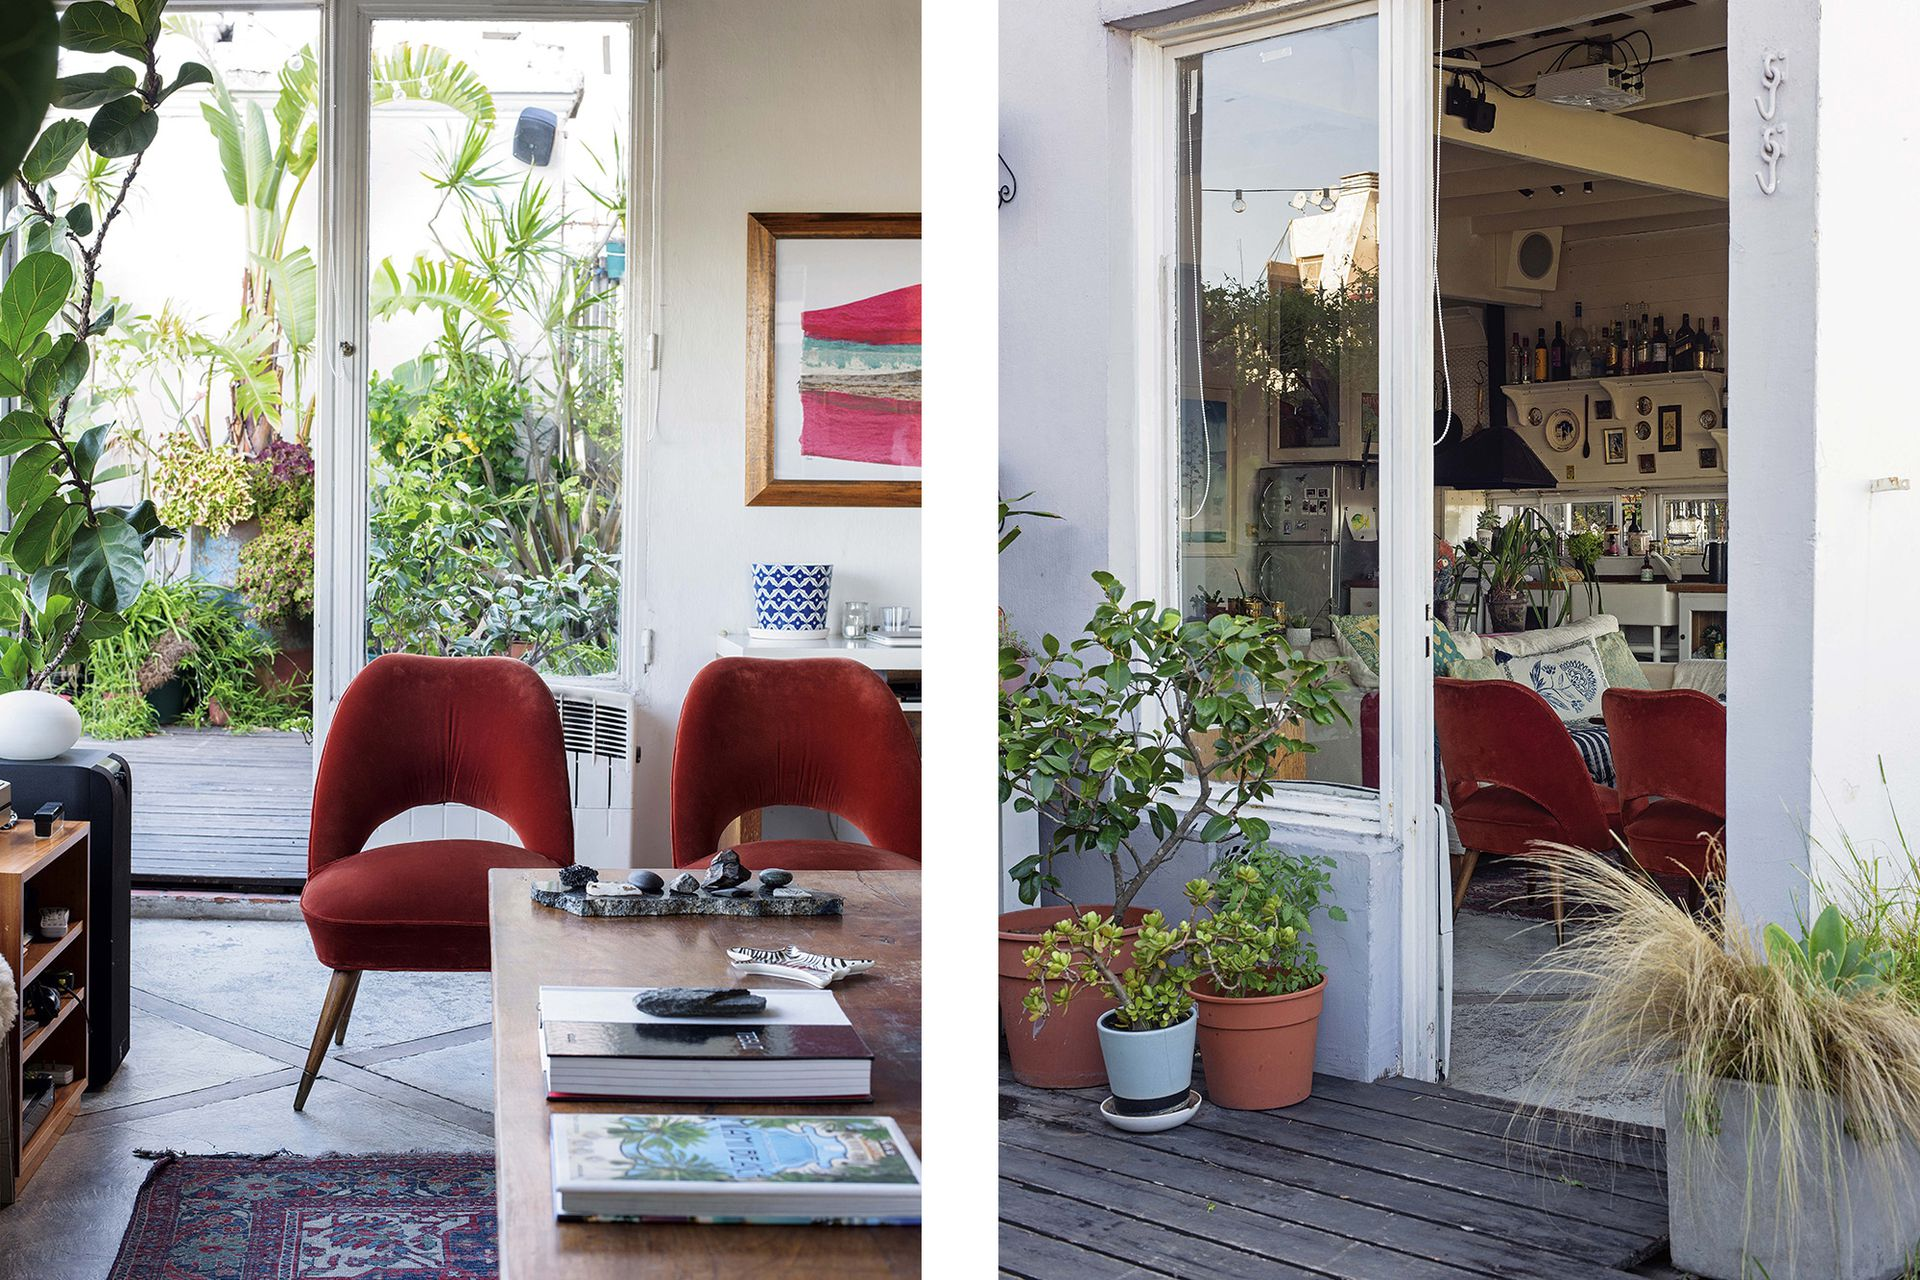 Ficus pandurata (vivero El Botánico) vinculan el interior con un afuera voluntariamente vegetal.